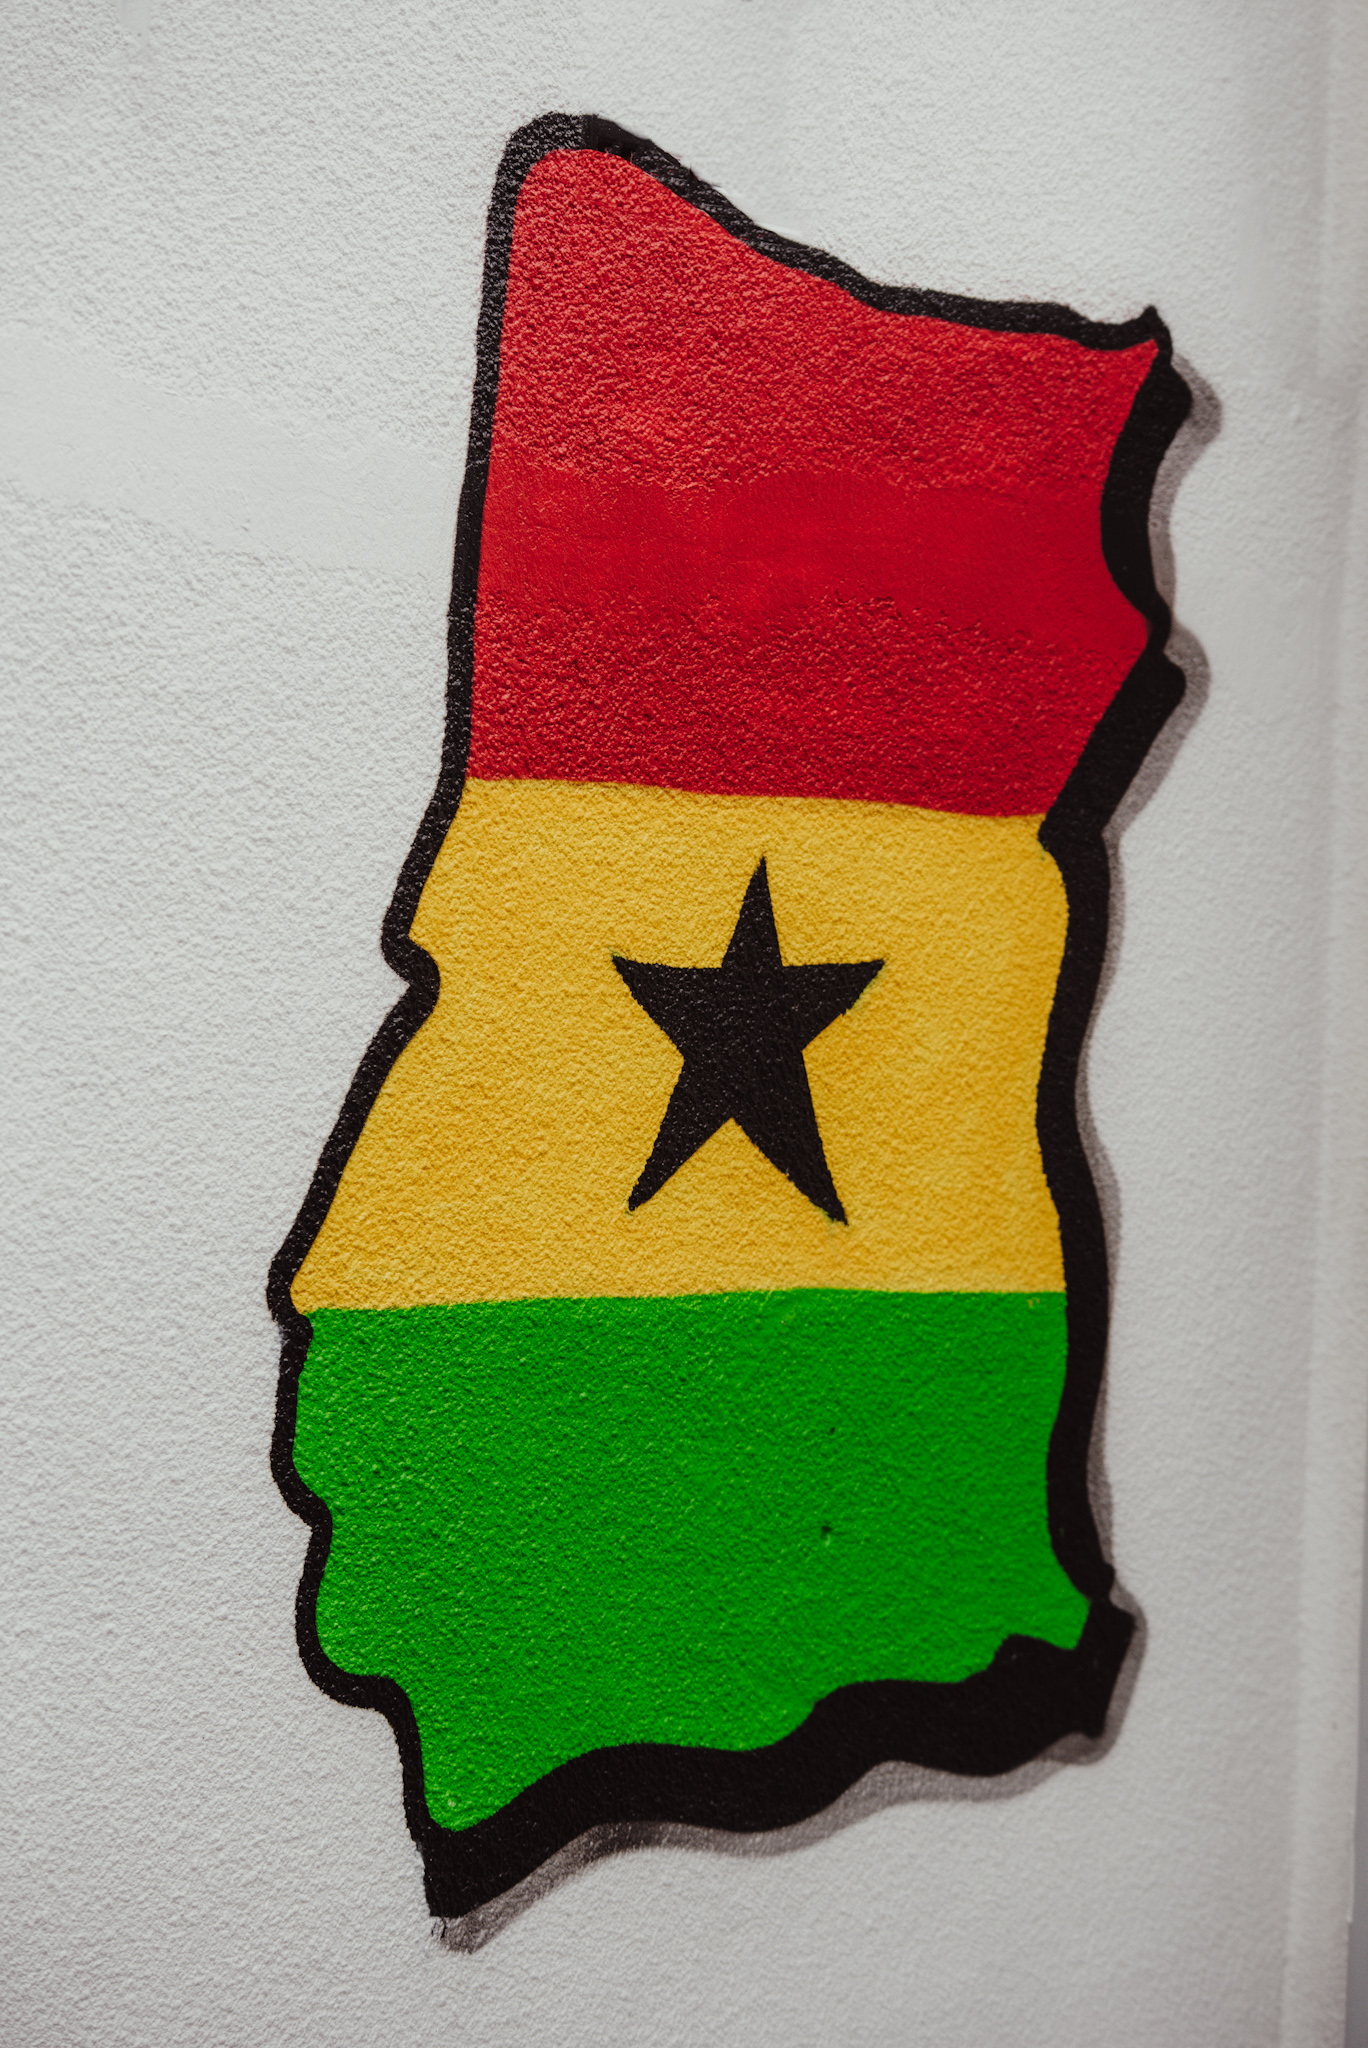 arthur-wharton-art-ghana-independence-day-2021-entrance